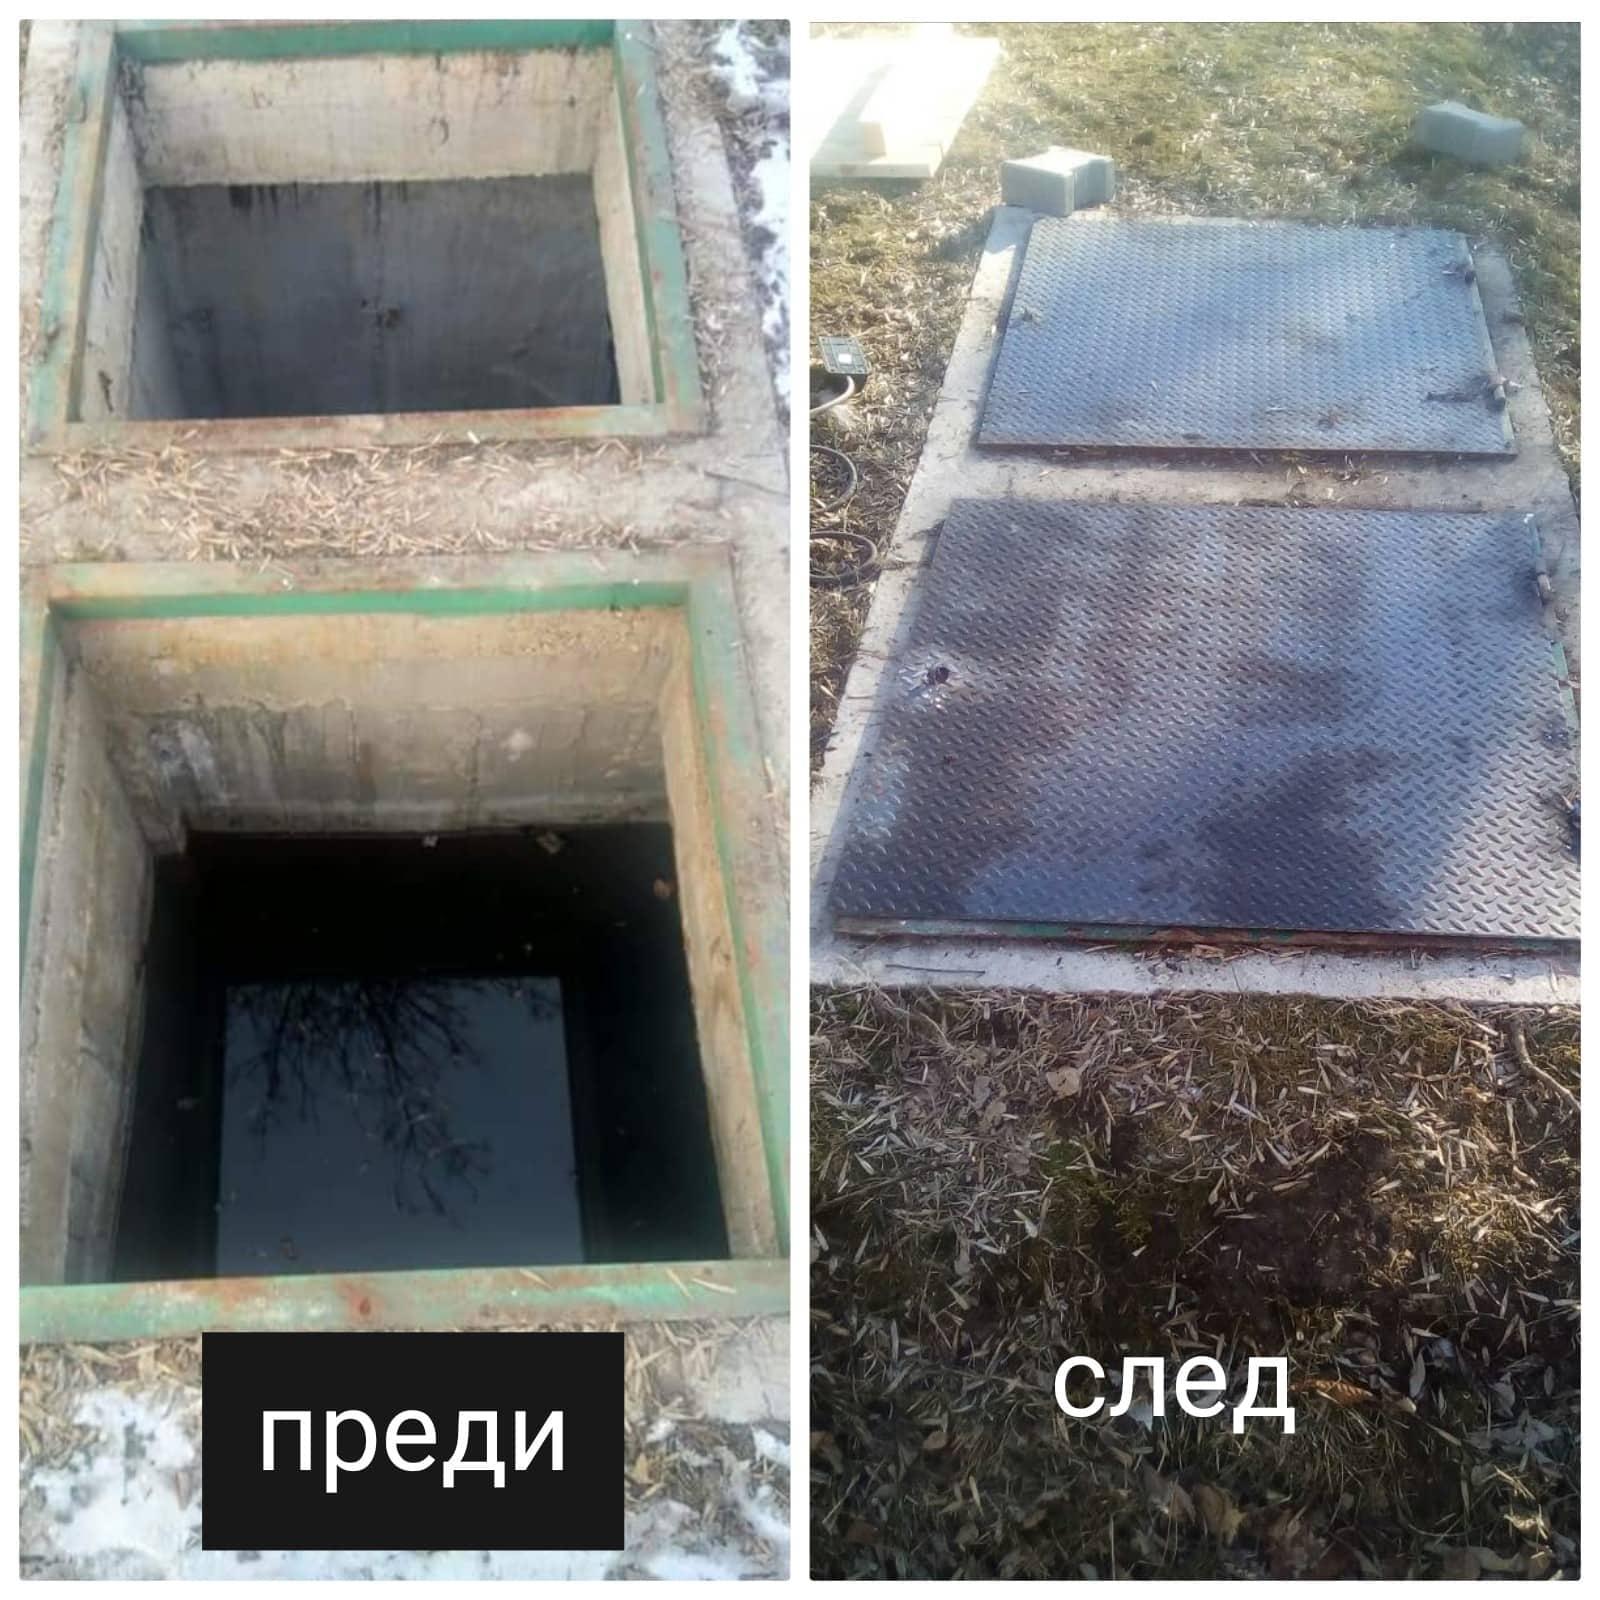 След сигнал в социалните мрежи общината обезопаси шахти на Сярна баня